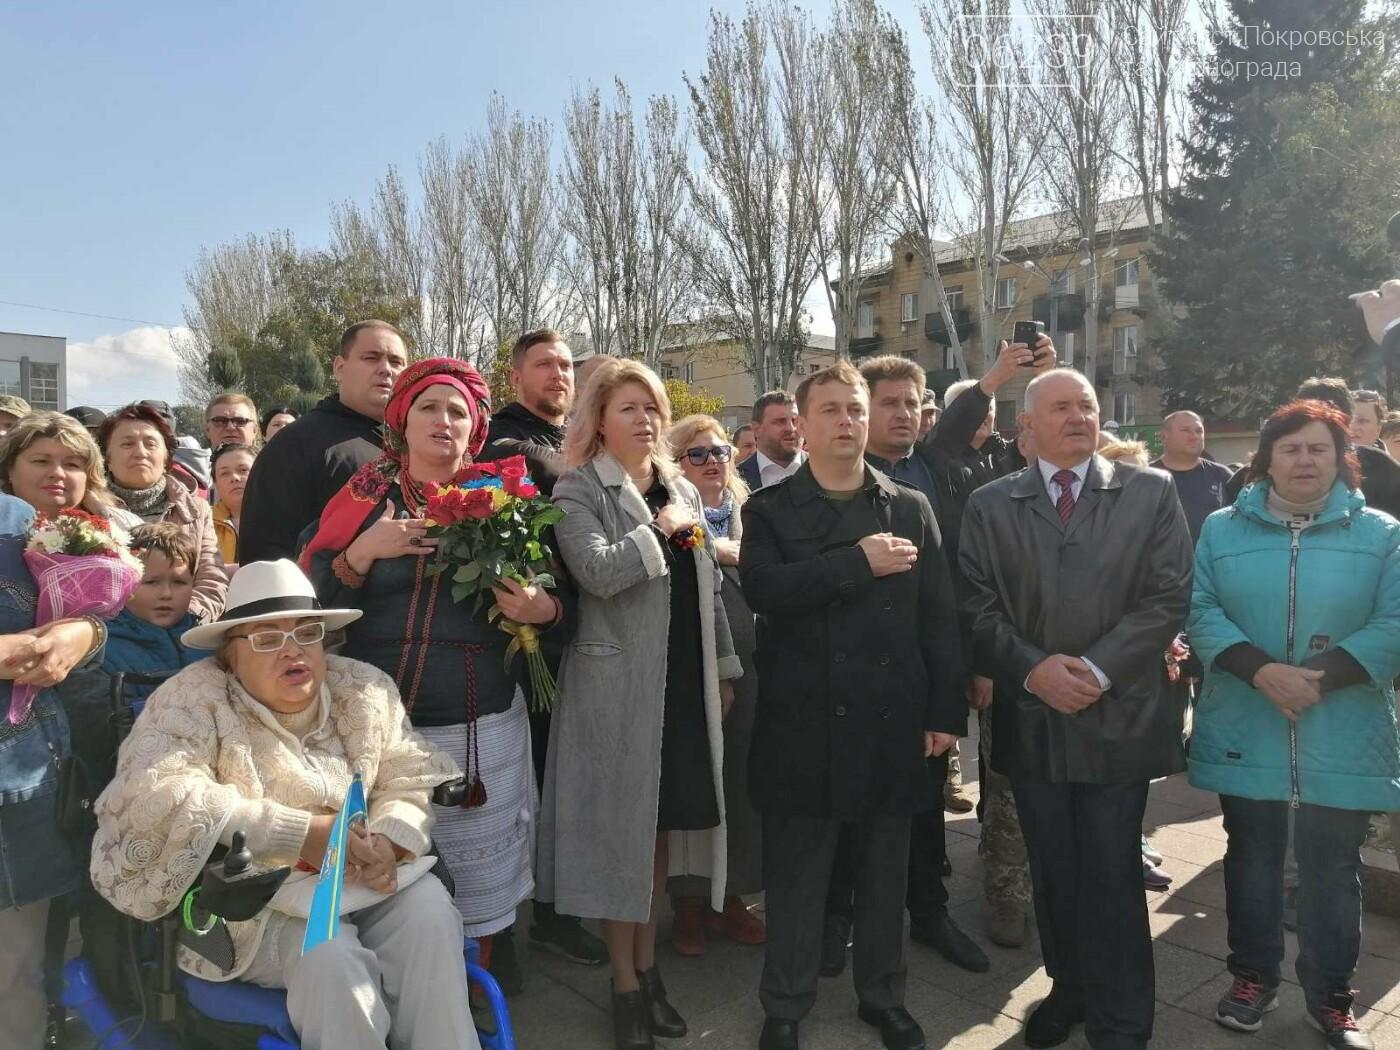 В Покровске состоялось торжественное открытие памятника Шевченко, фото-5